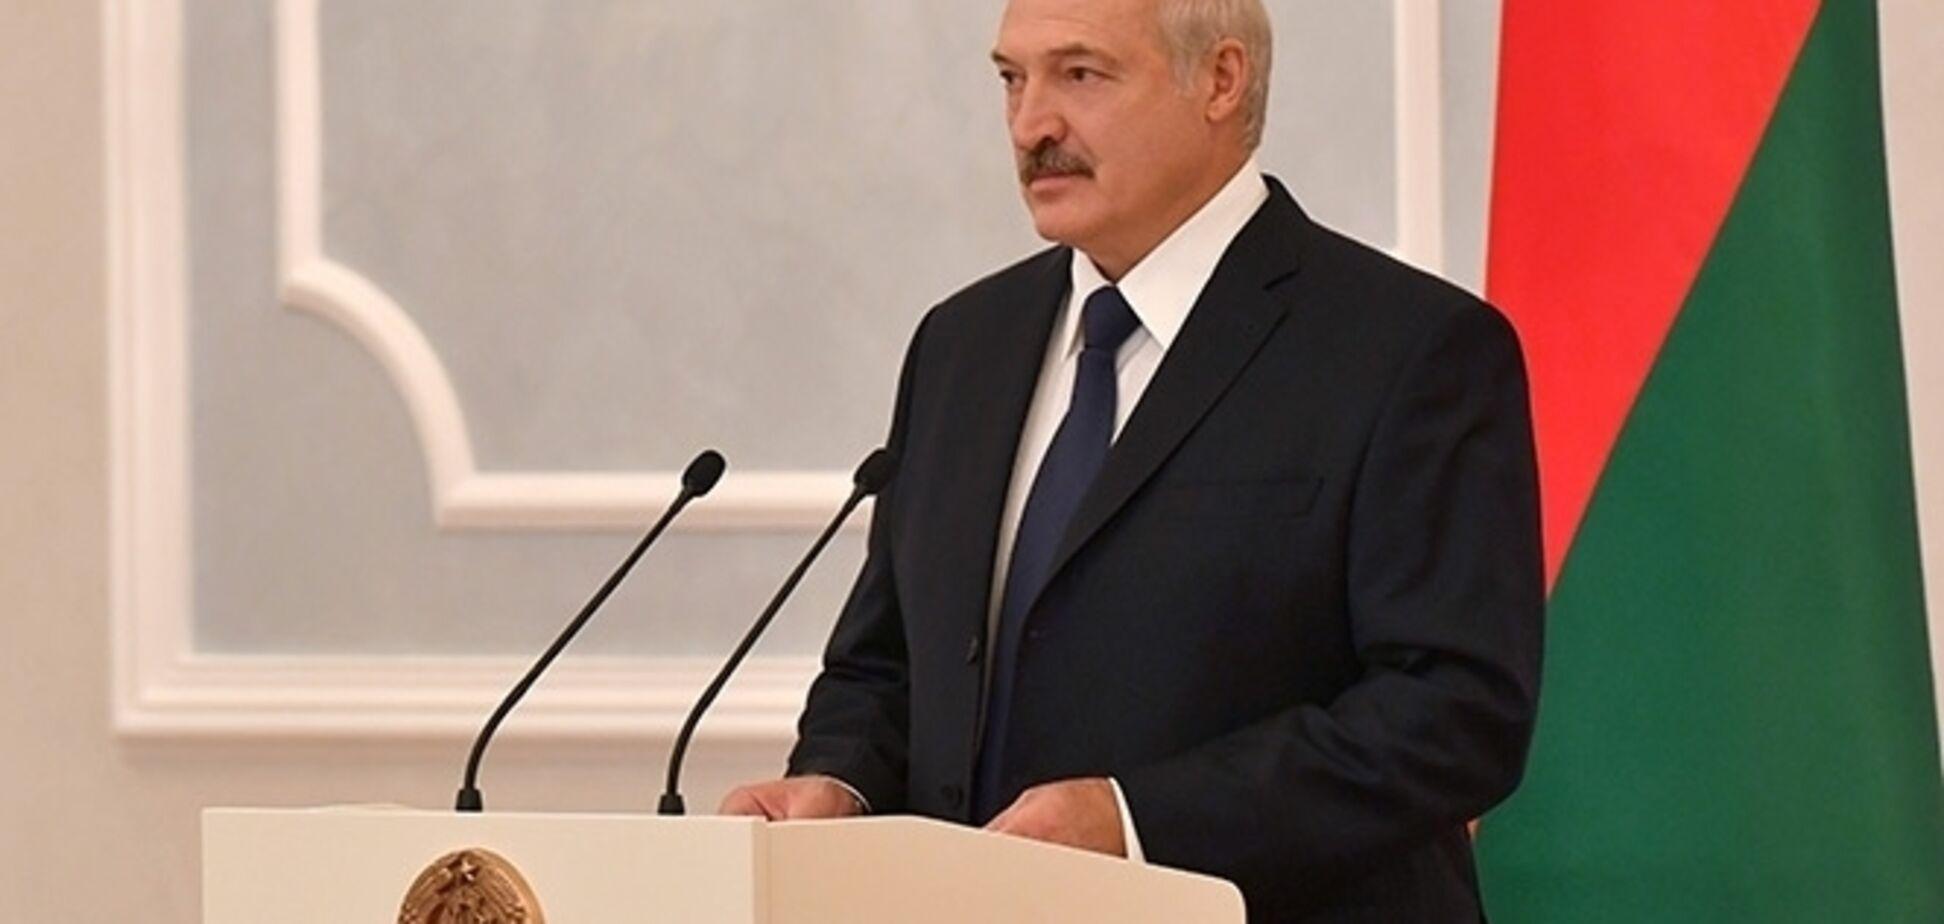 Россия сорвала договоренности с Беларусью по нефти: Лукашенко в гневе